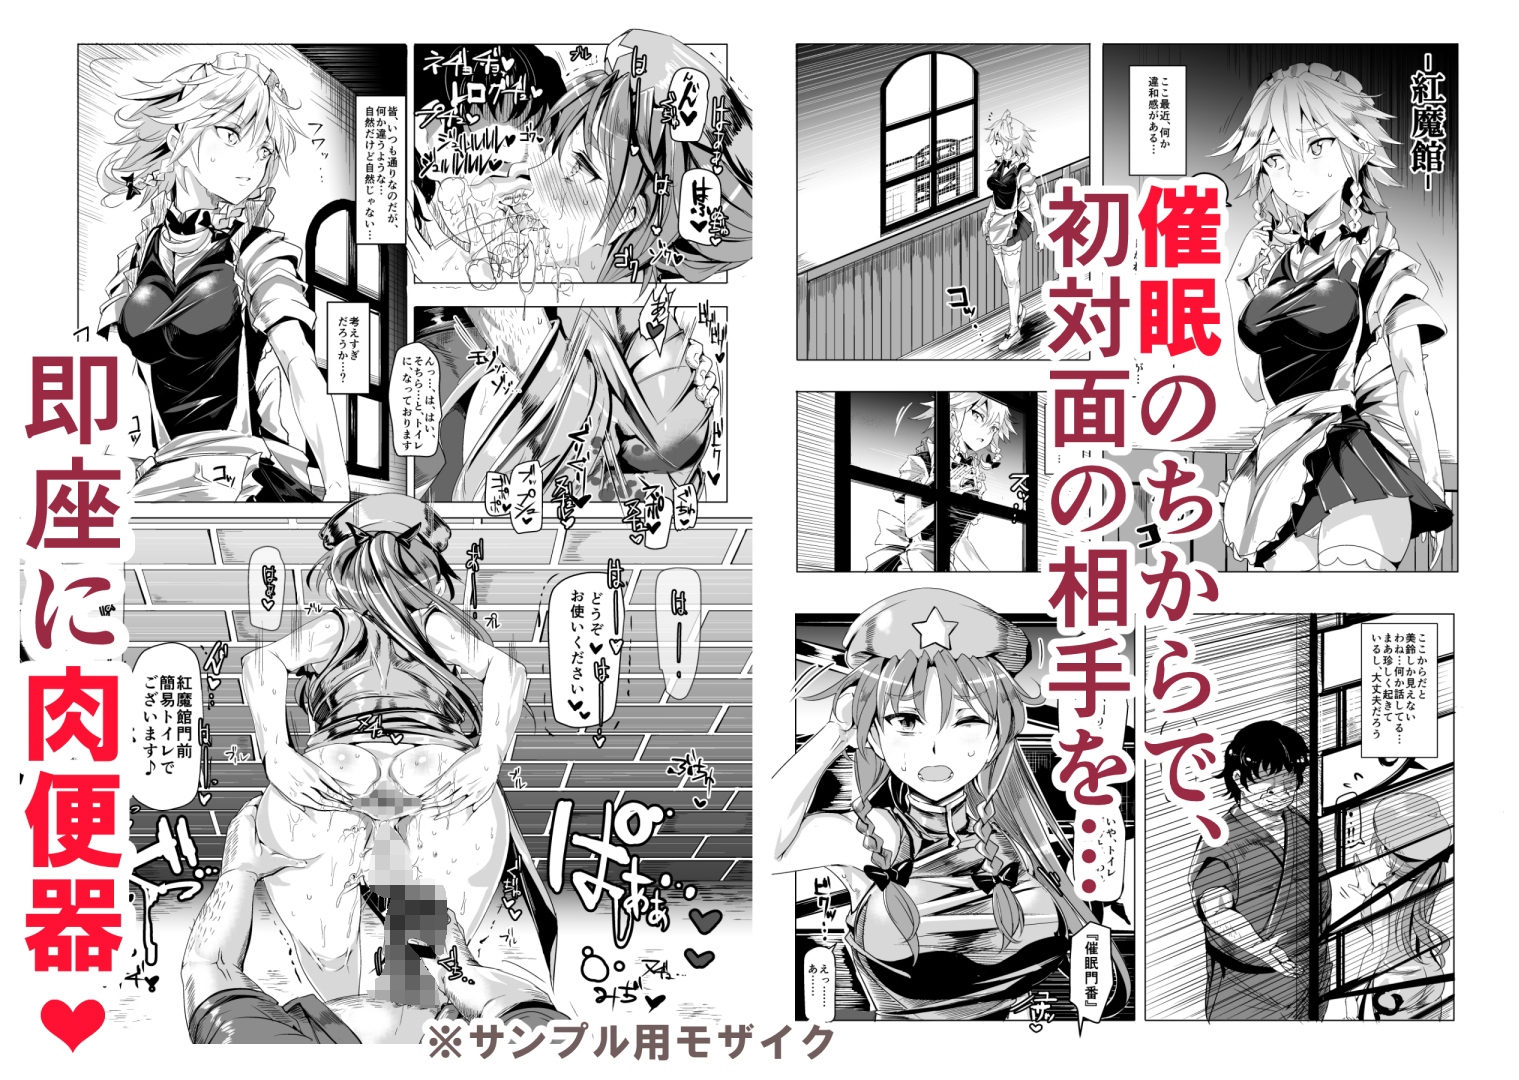 【十六夜咲夜 同人】催眠なんてかからない!!!5・6・7+1